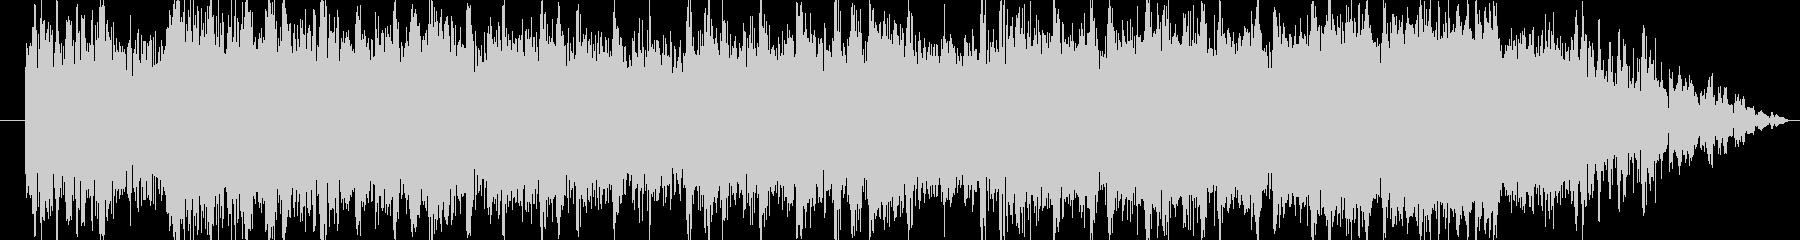 ロック系ビートを基調にした登場系ジングルの未再生の波形